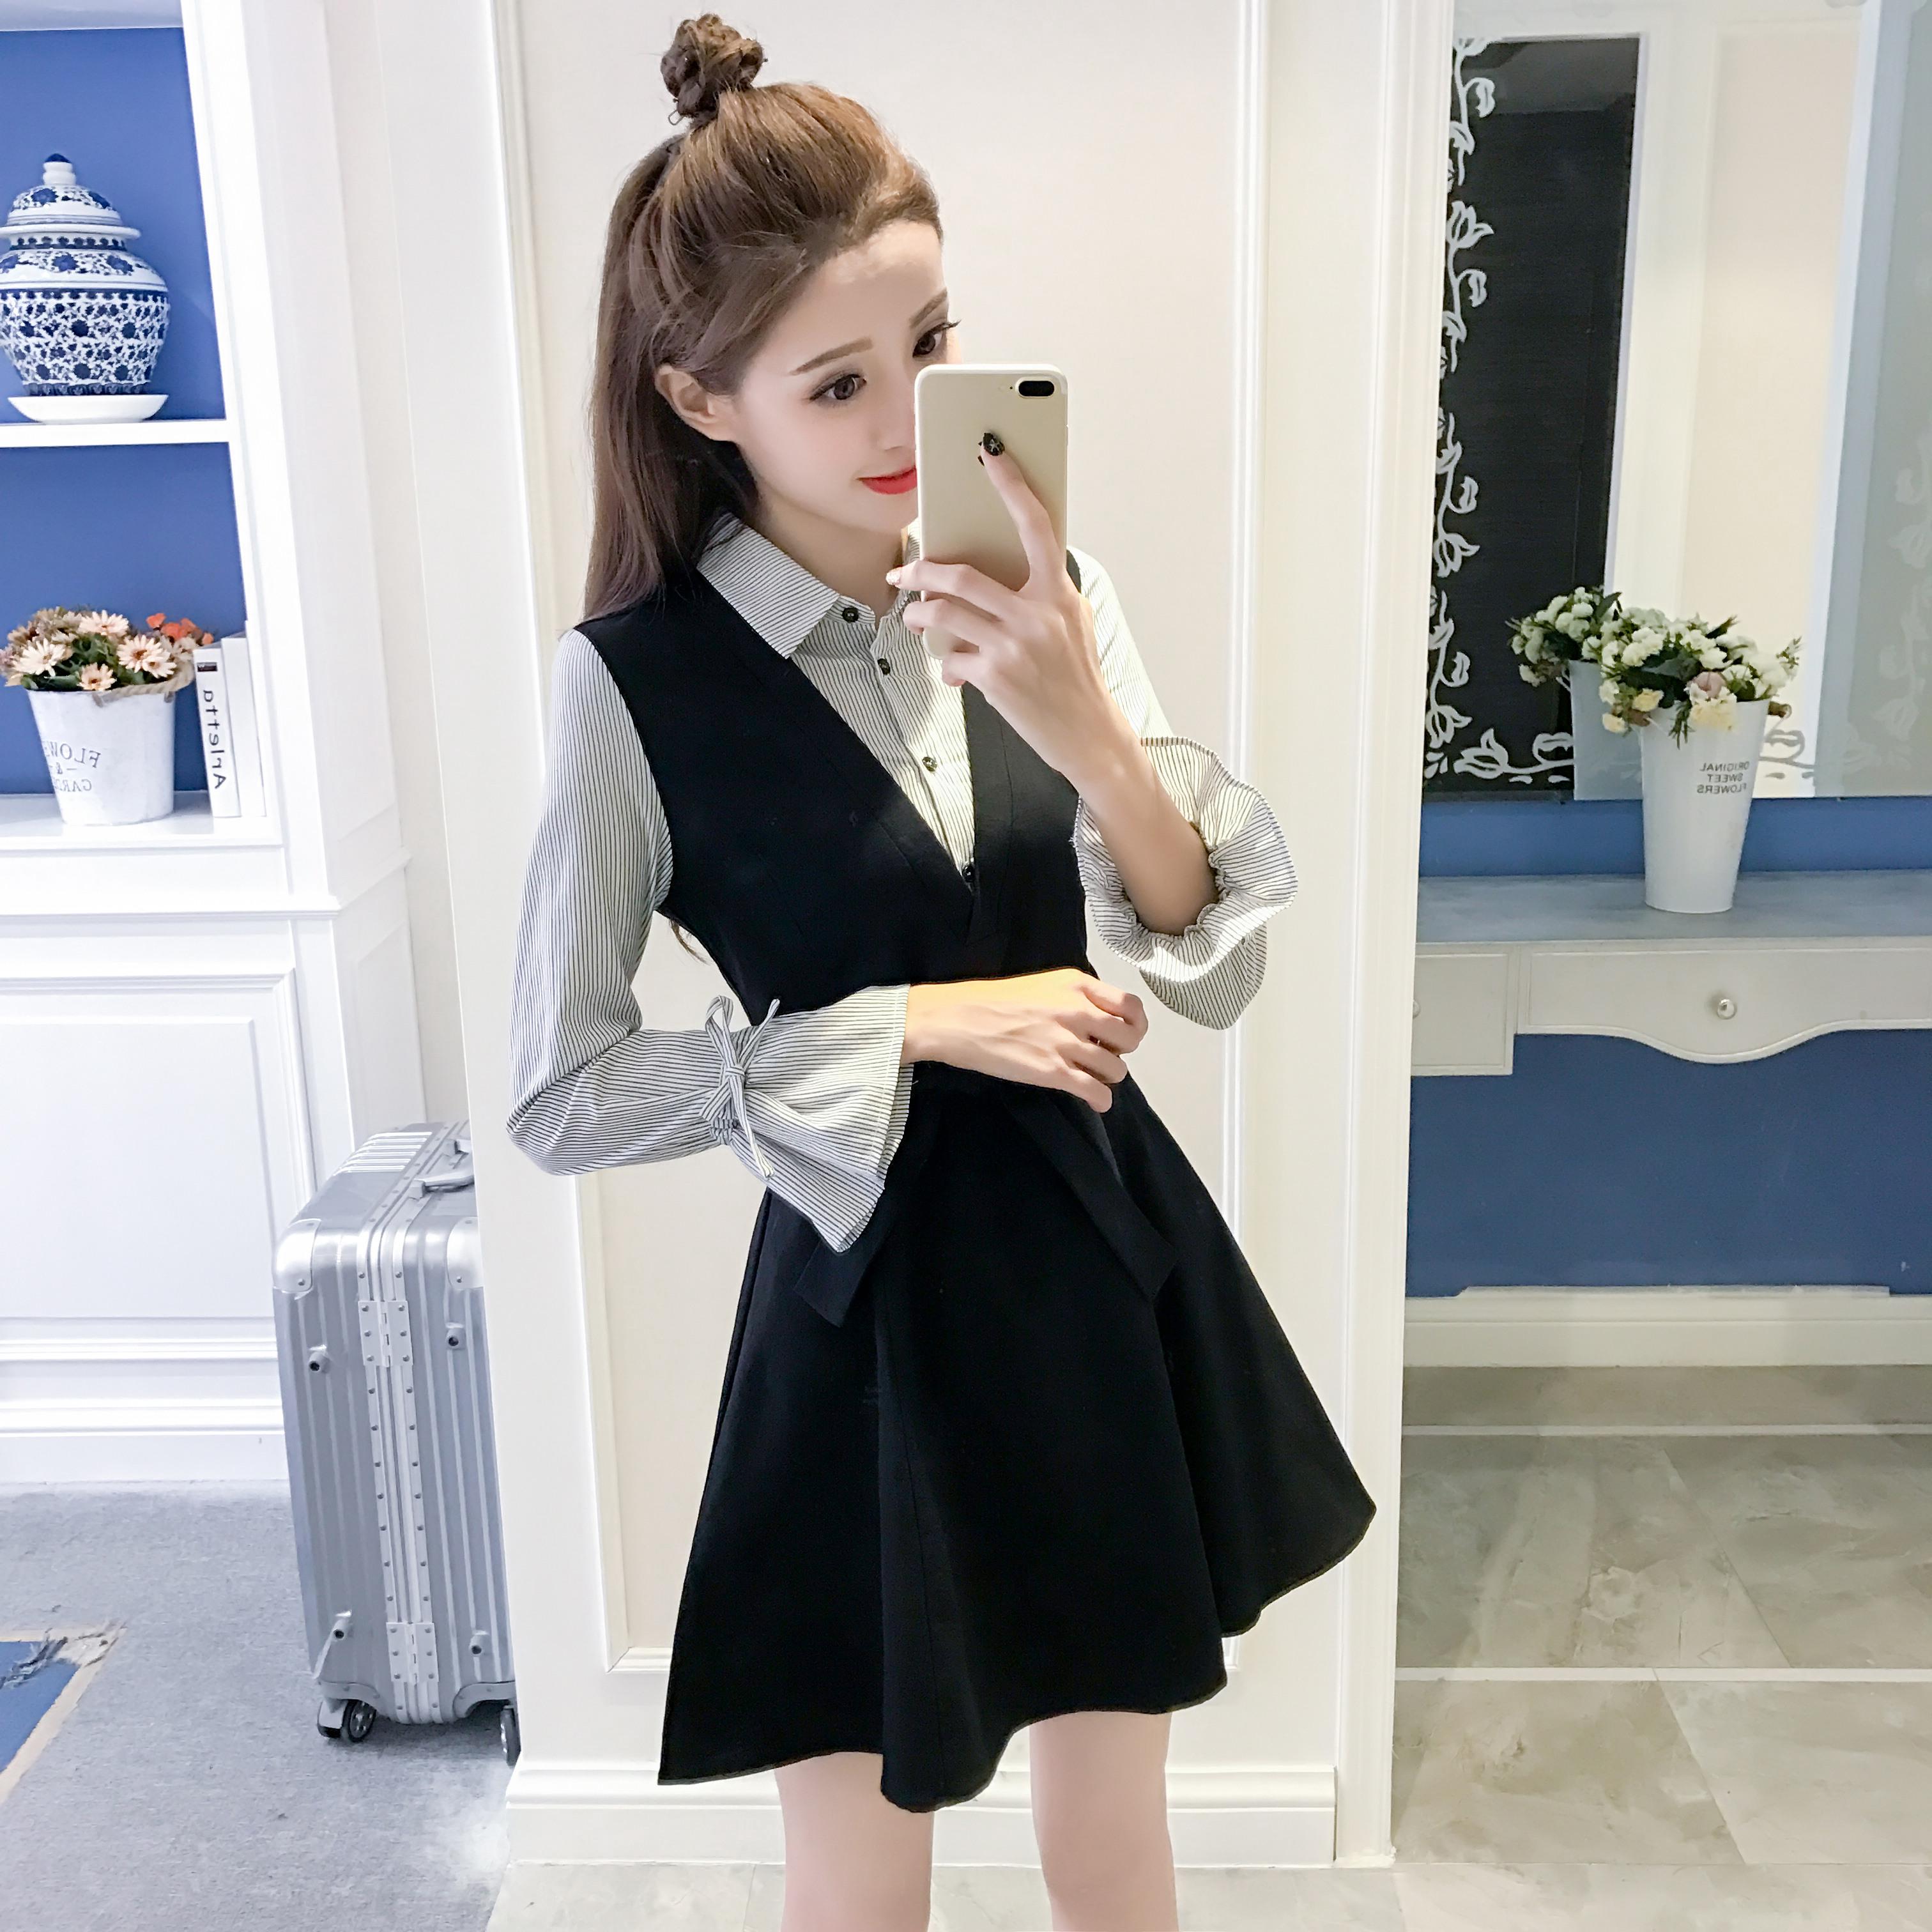 秋装长袖连衣裙女2017新款条纹假两件喇叭袖a字收腰显瘦衬衫裙子